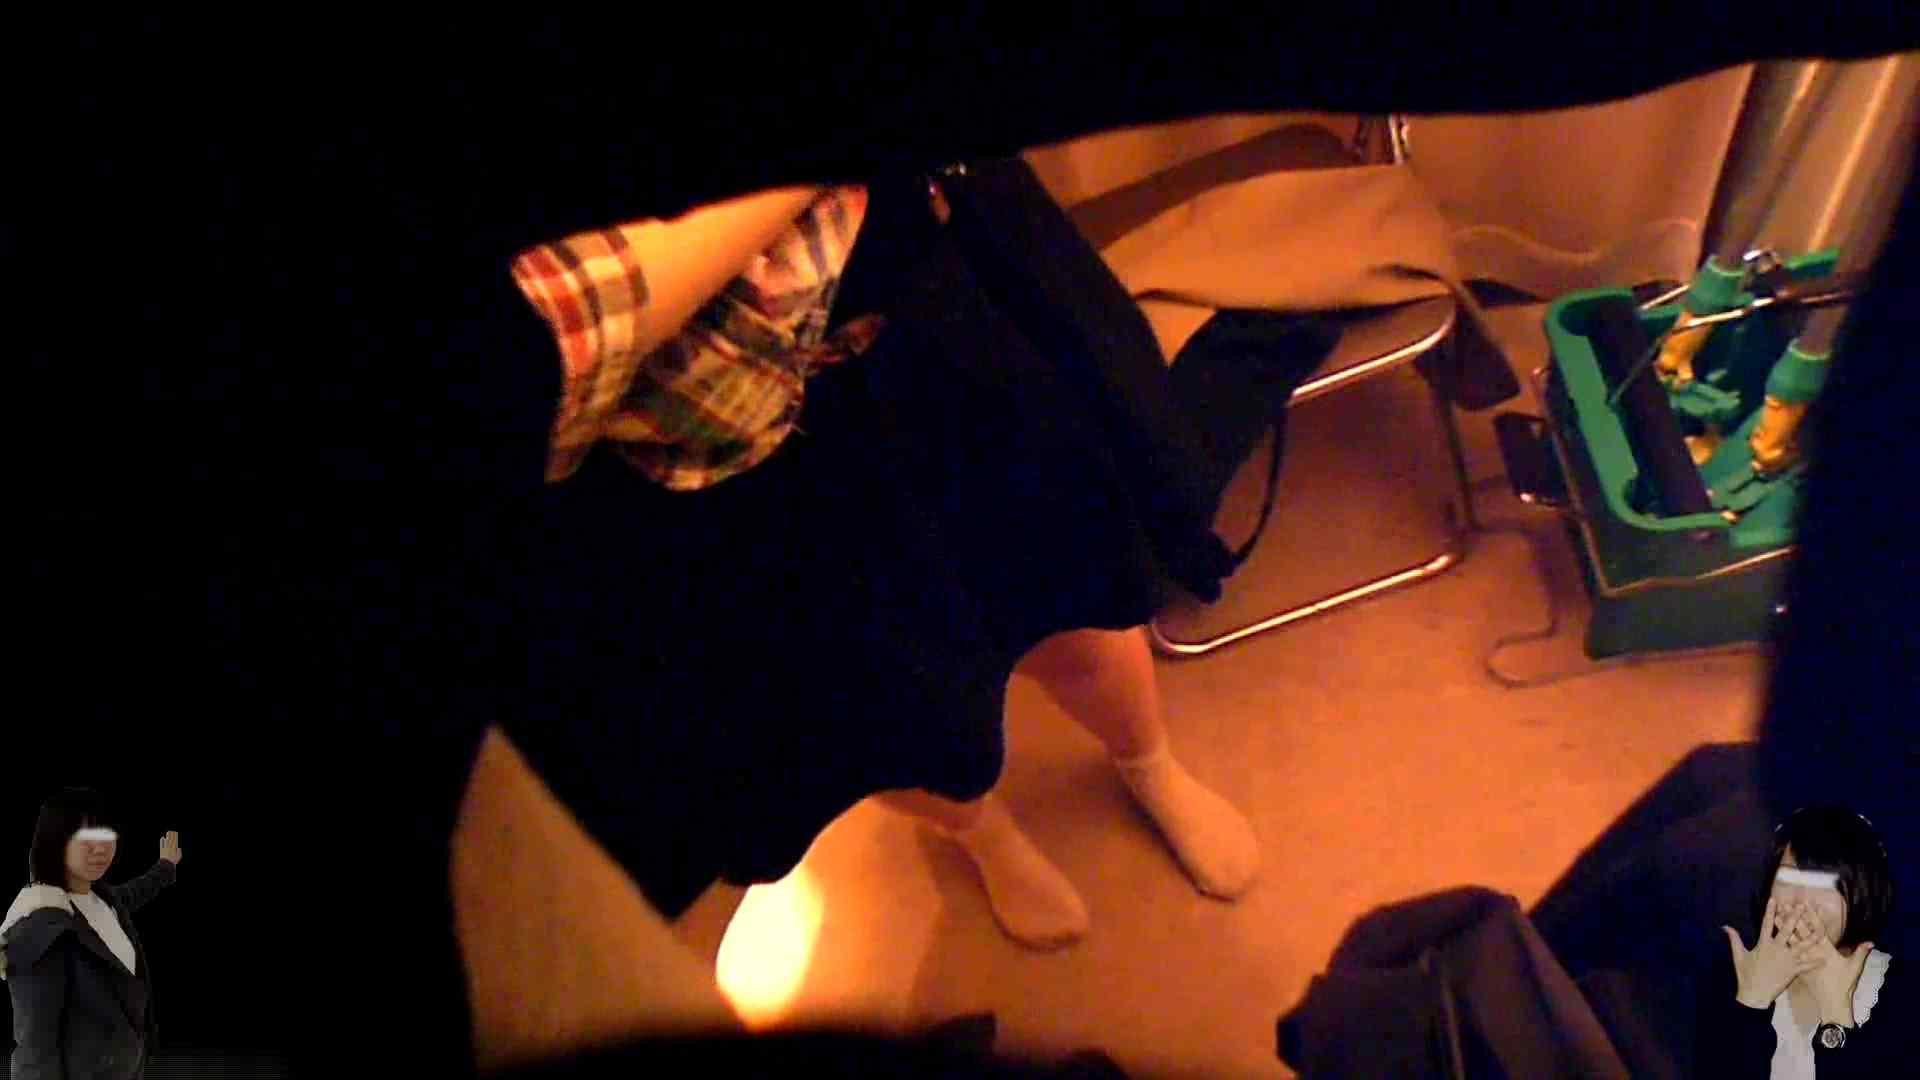 素人投稿 現役「JD」Eちゃんの着替え Vol.04 着替え おまんこ動画流出 107pic 71